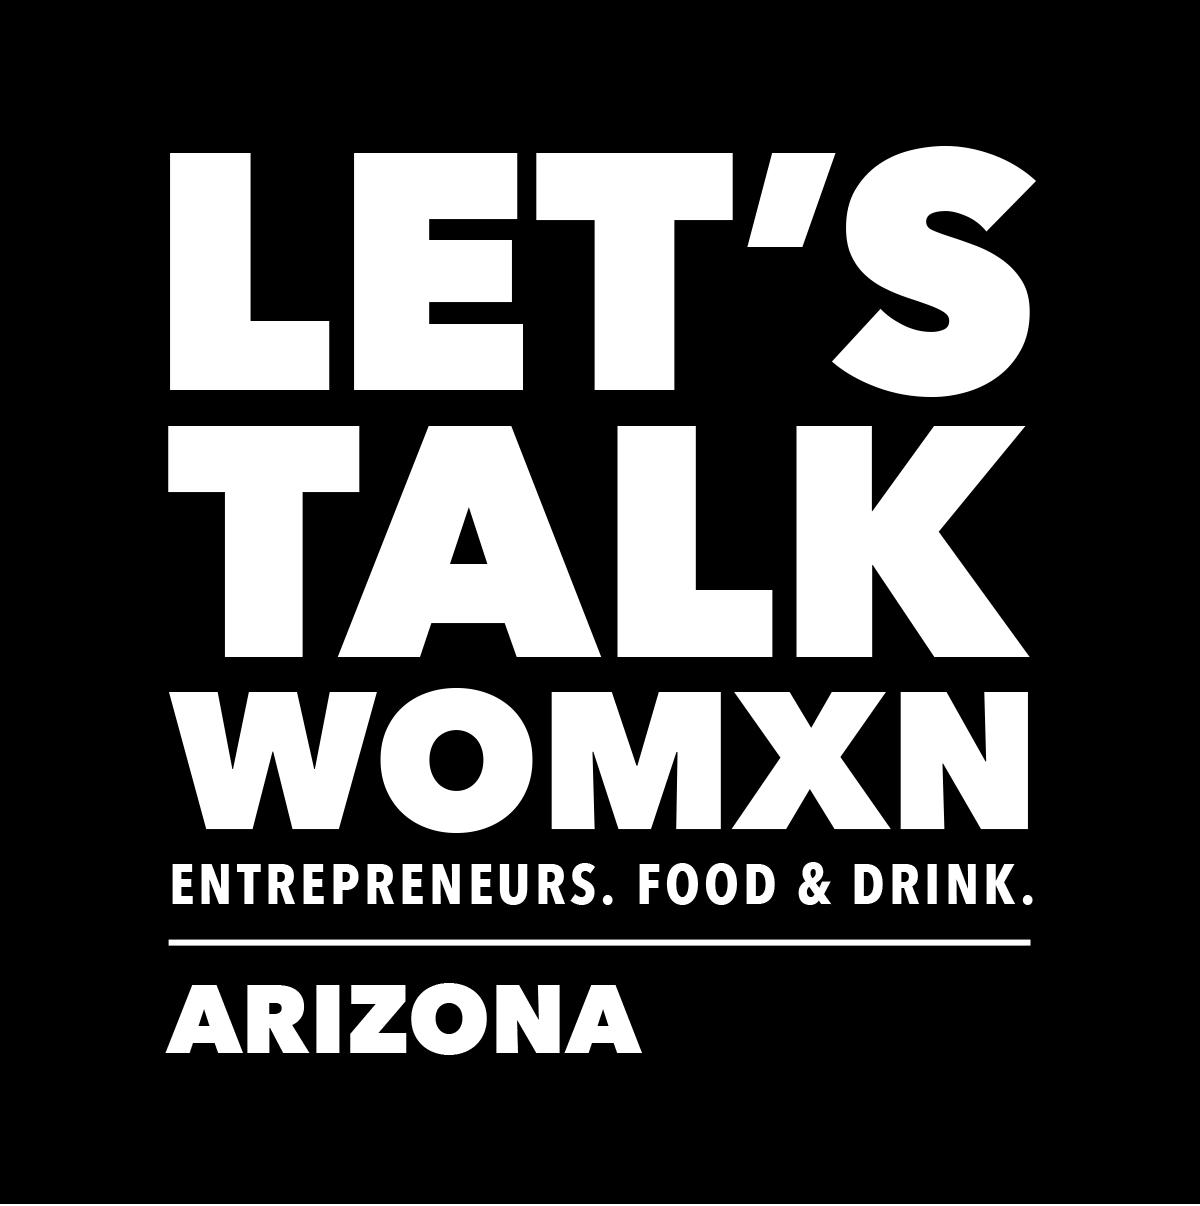 Let's Talk Womxn - Arizona